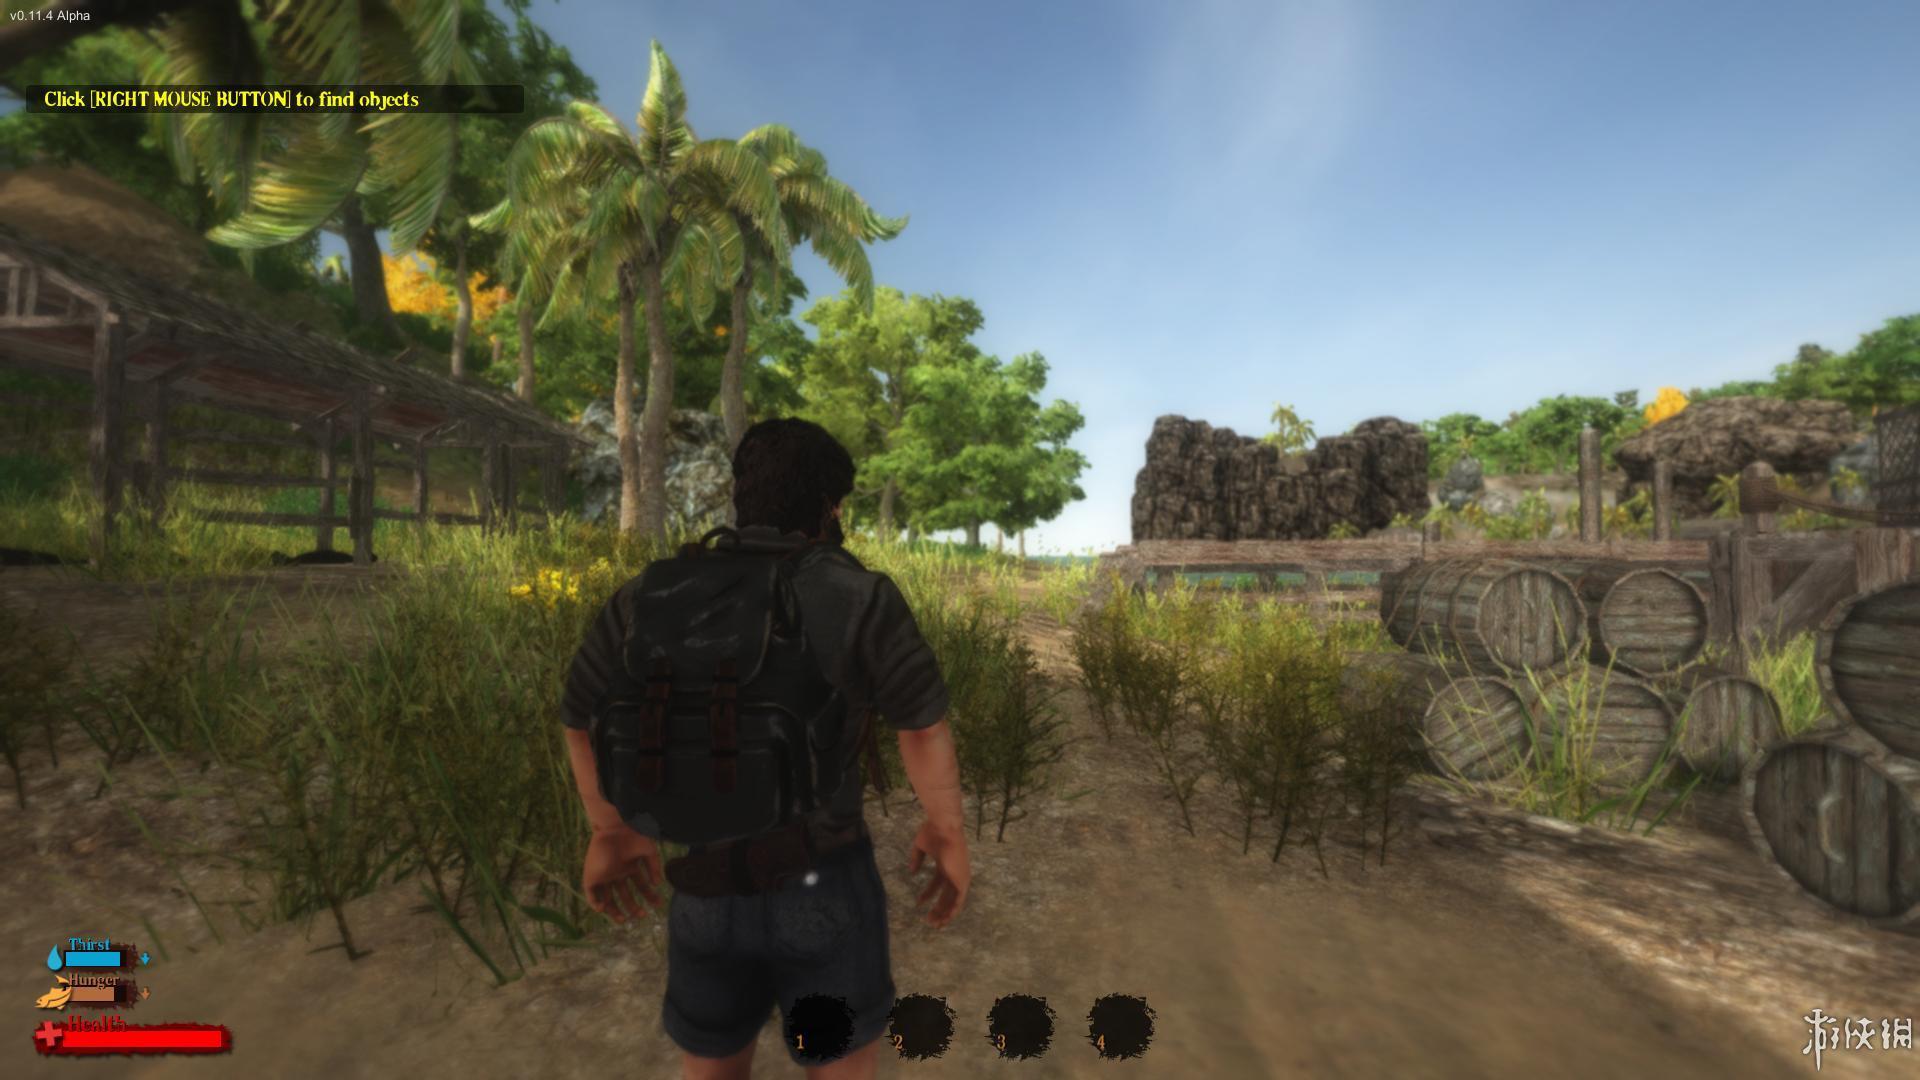 《逆境求生》游戏评测:荒岛题材求生新作